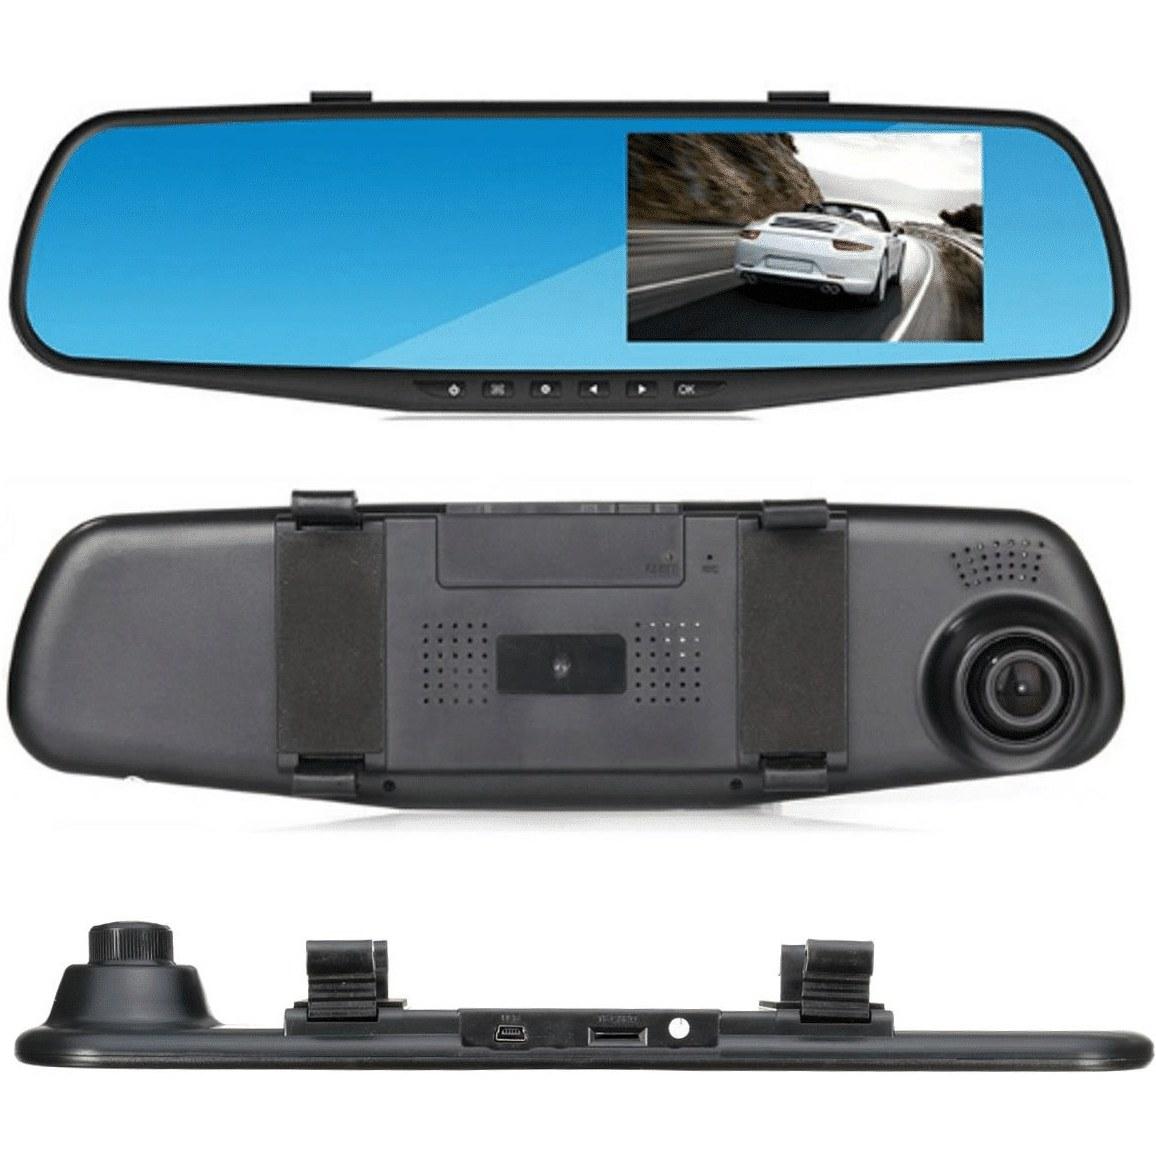 تصویر آینه مانیتور دار و دوربین دار خودرو کد ۲۴۰